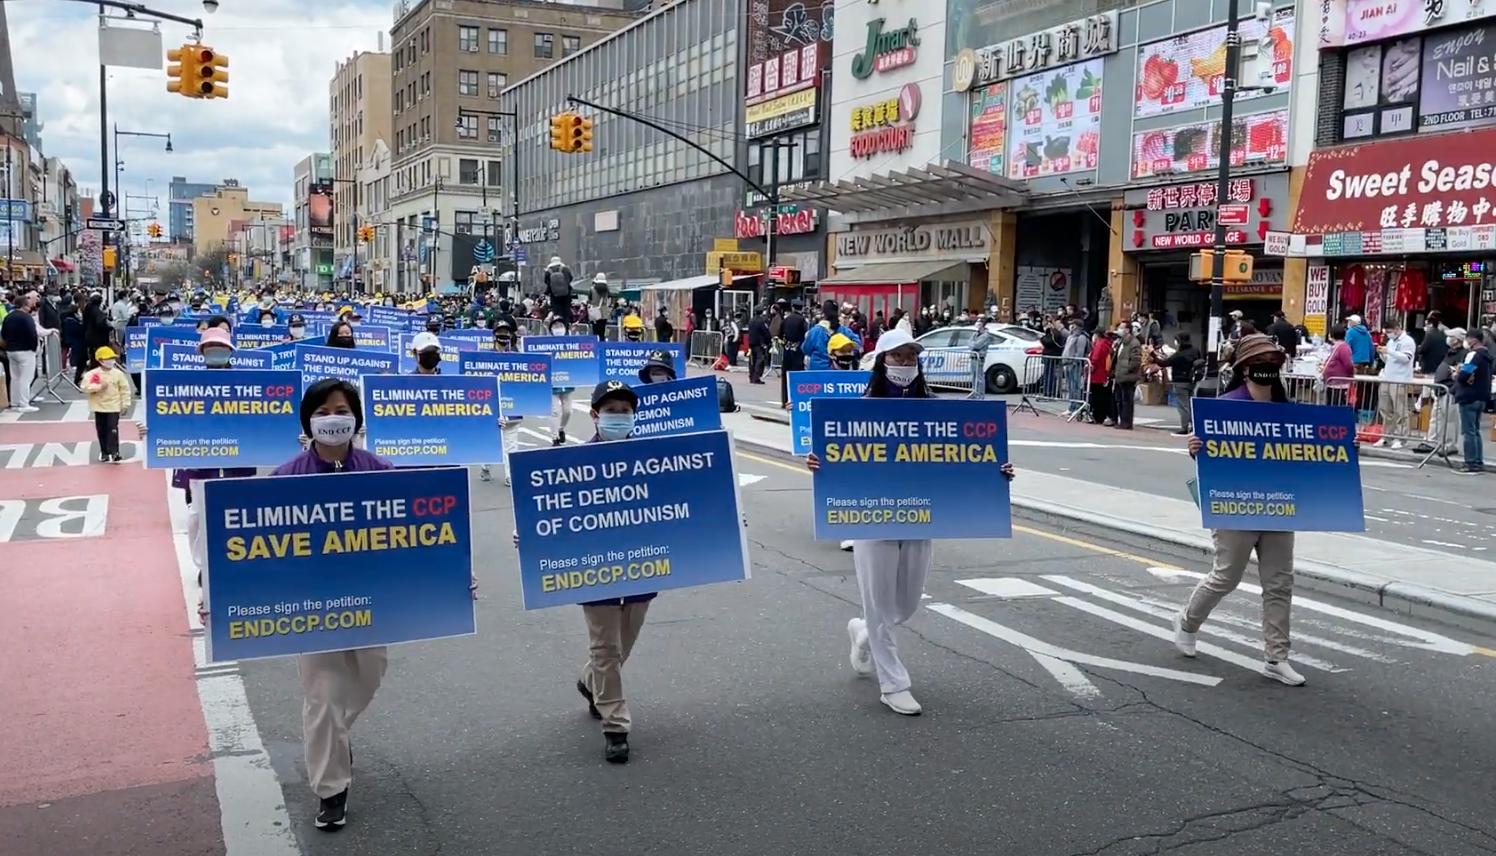 法拉盛2021年4月18日紀念「4.25」和平請願22周年遊行,展示「EndCCP」標語。(全球退黨服務中心)